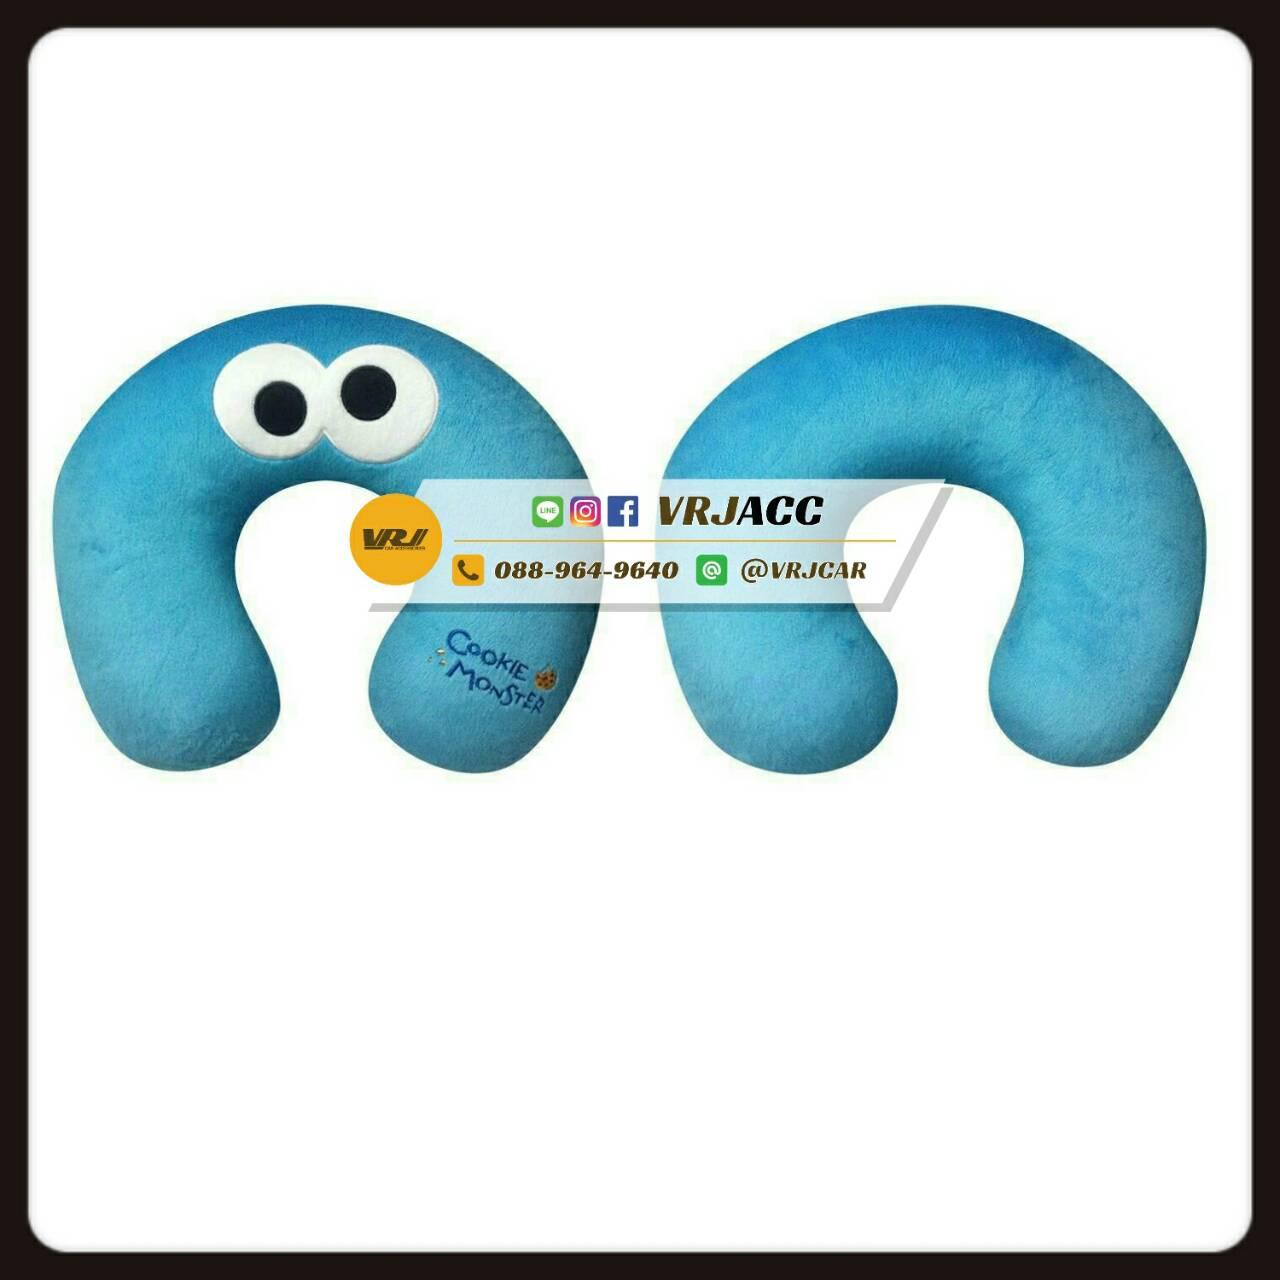 หมอนรองคอ ตัวยู คุกกี้มอนสเตอร์ สีฟ้า Sesame Street cookie monster